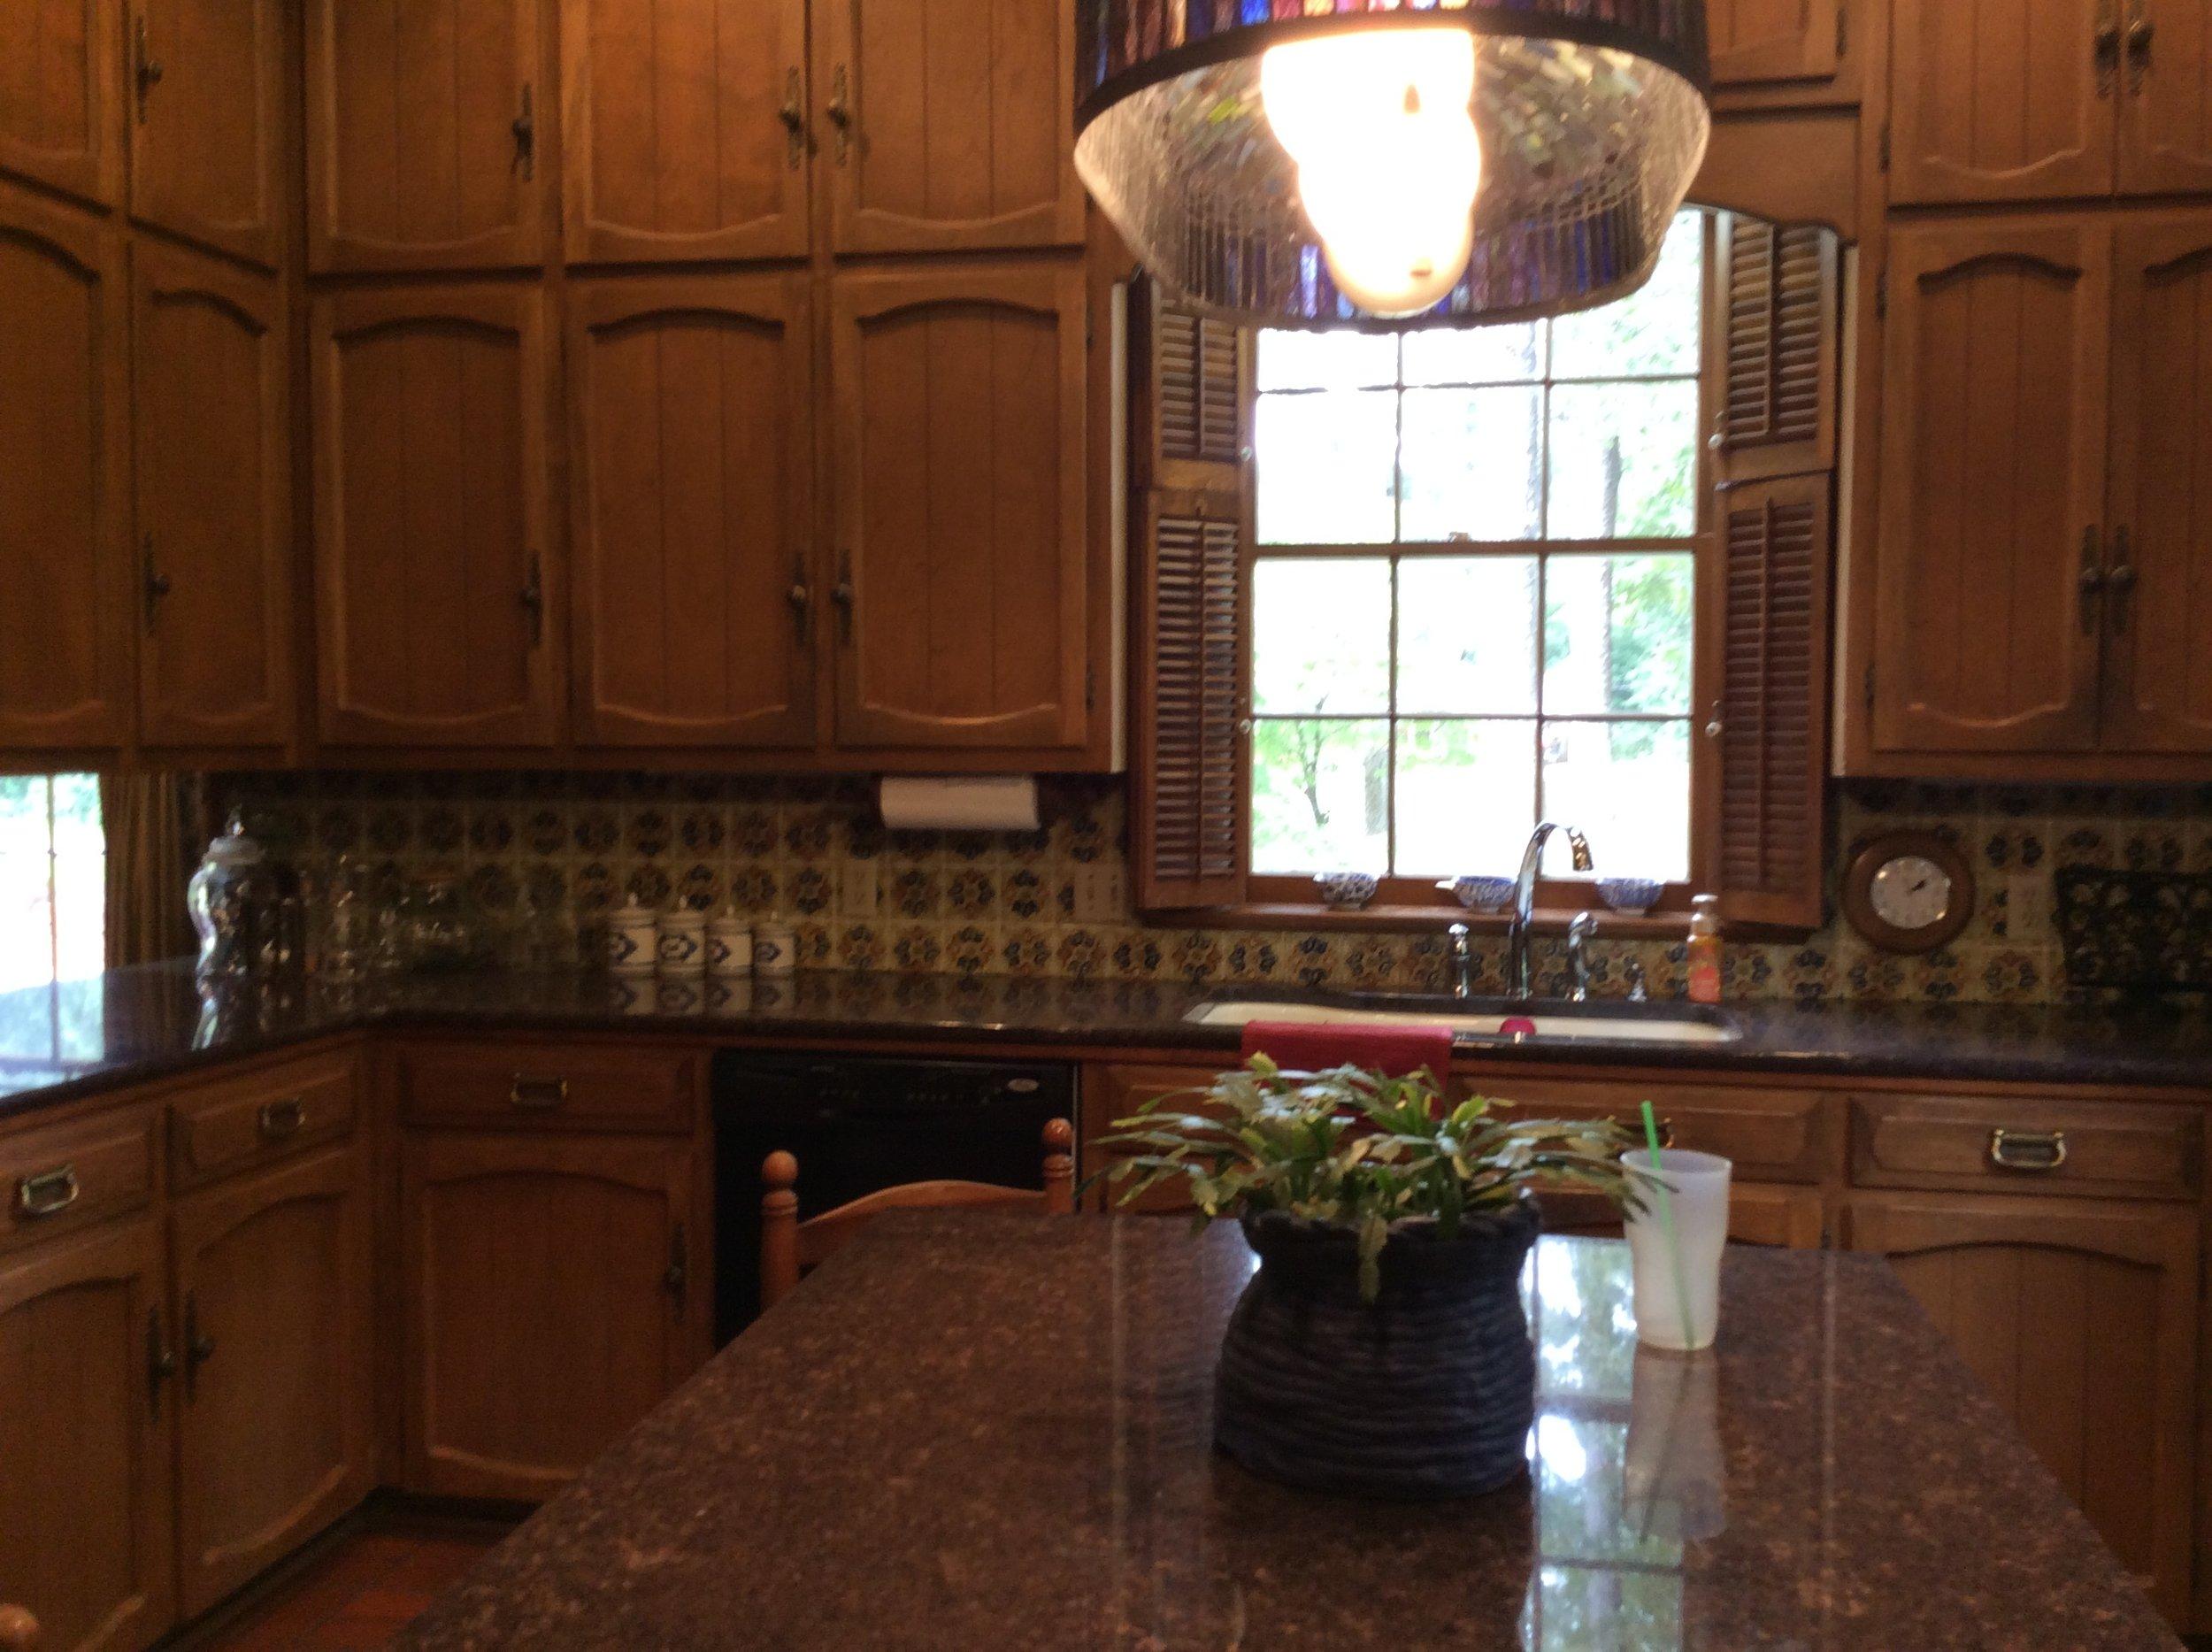 Kitchen Sink - Before